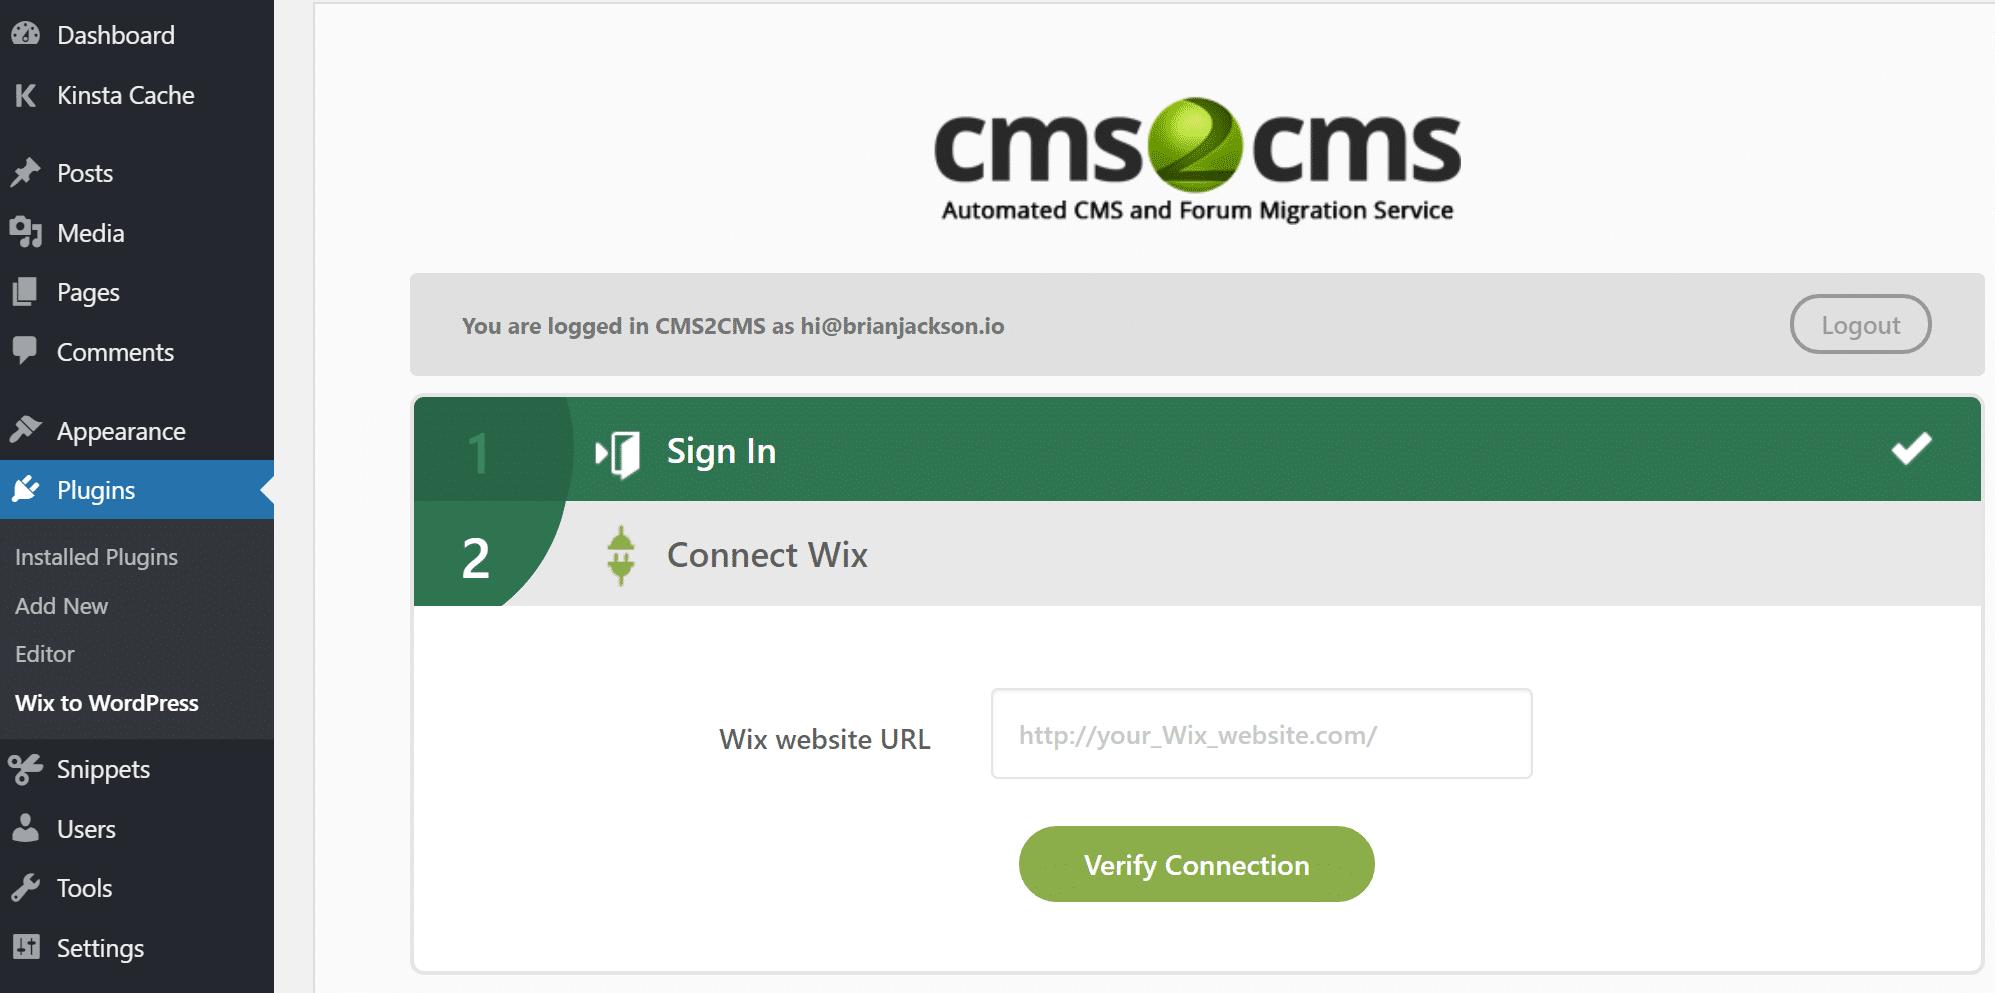 URL der Wix-Website